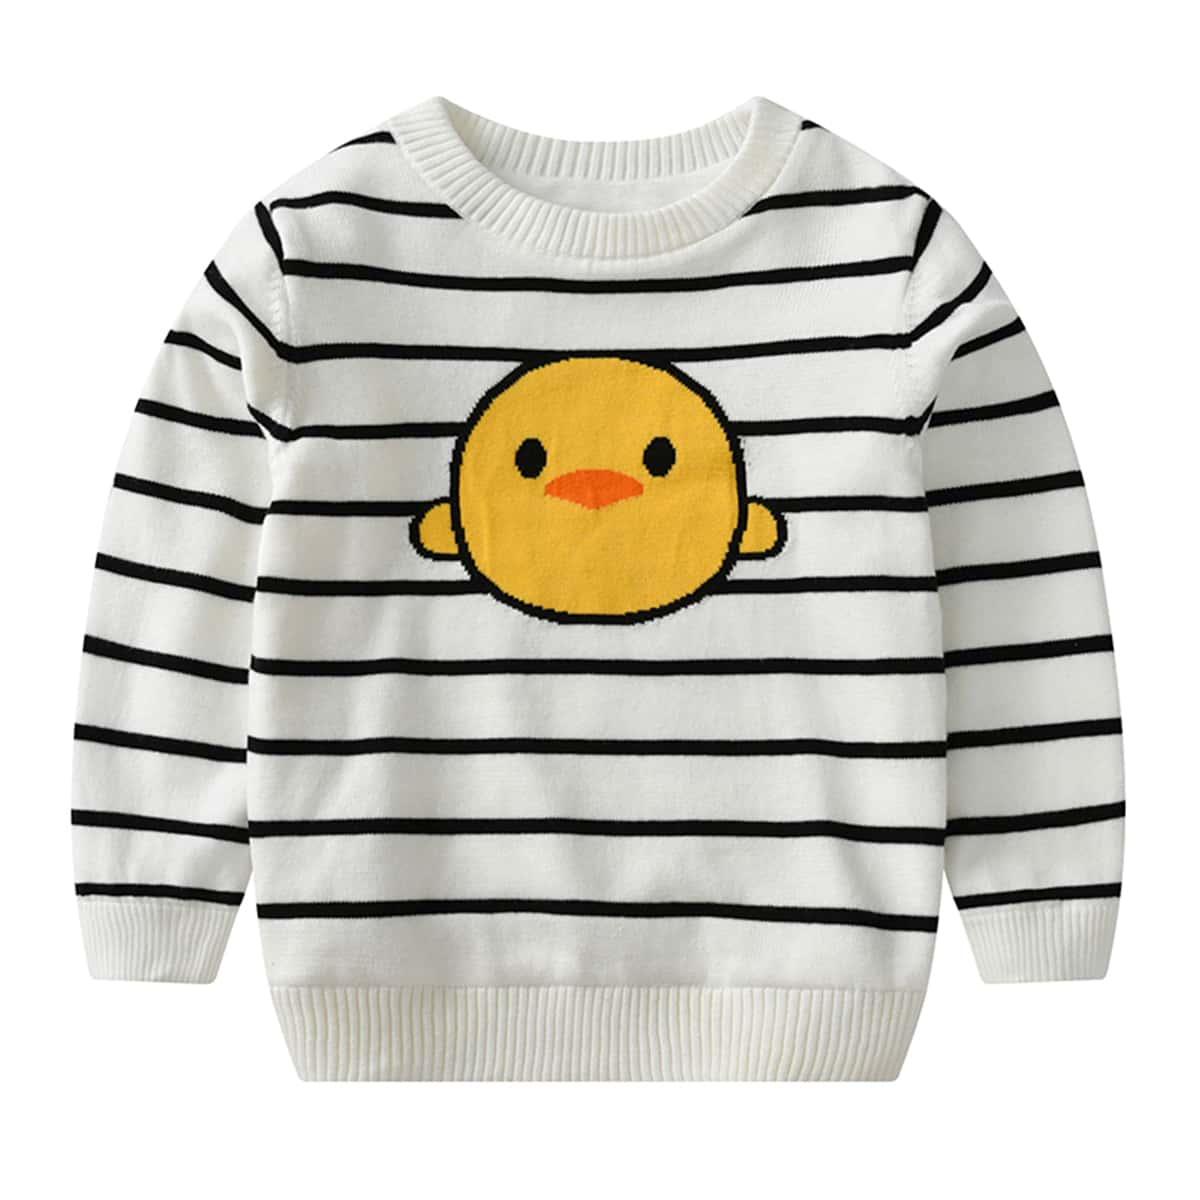 Трикотажный с карикатурой повседневный свитера для девочек